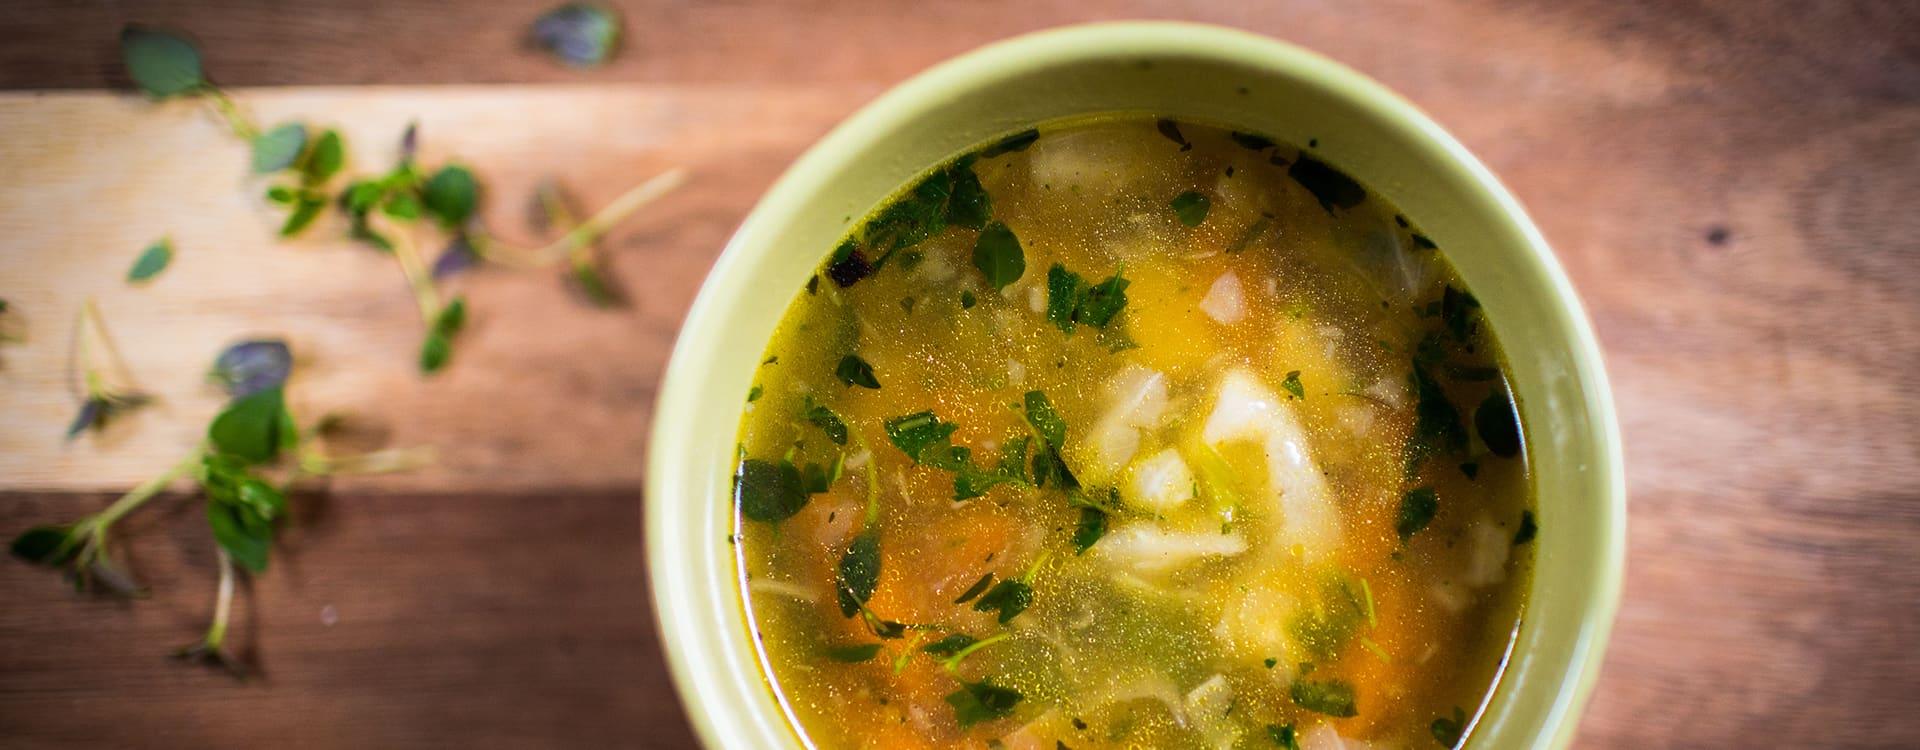 TORO grønnsaksuppe med ovnsbakte grønnsaker